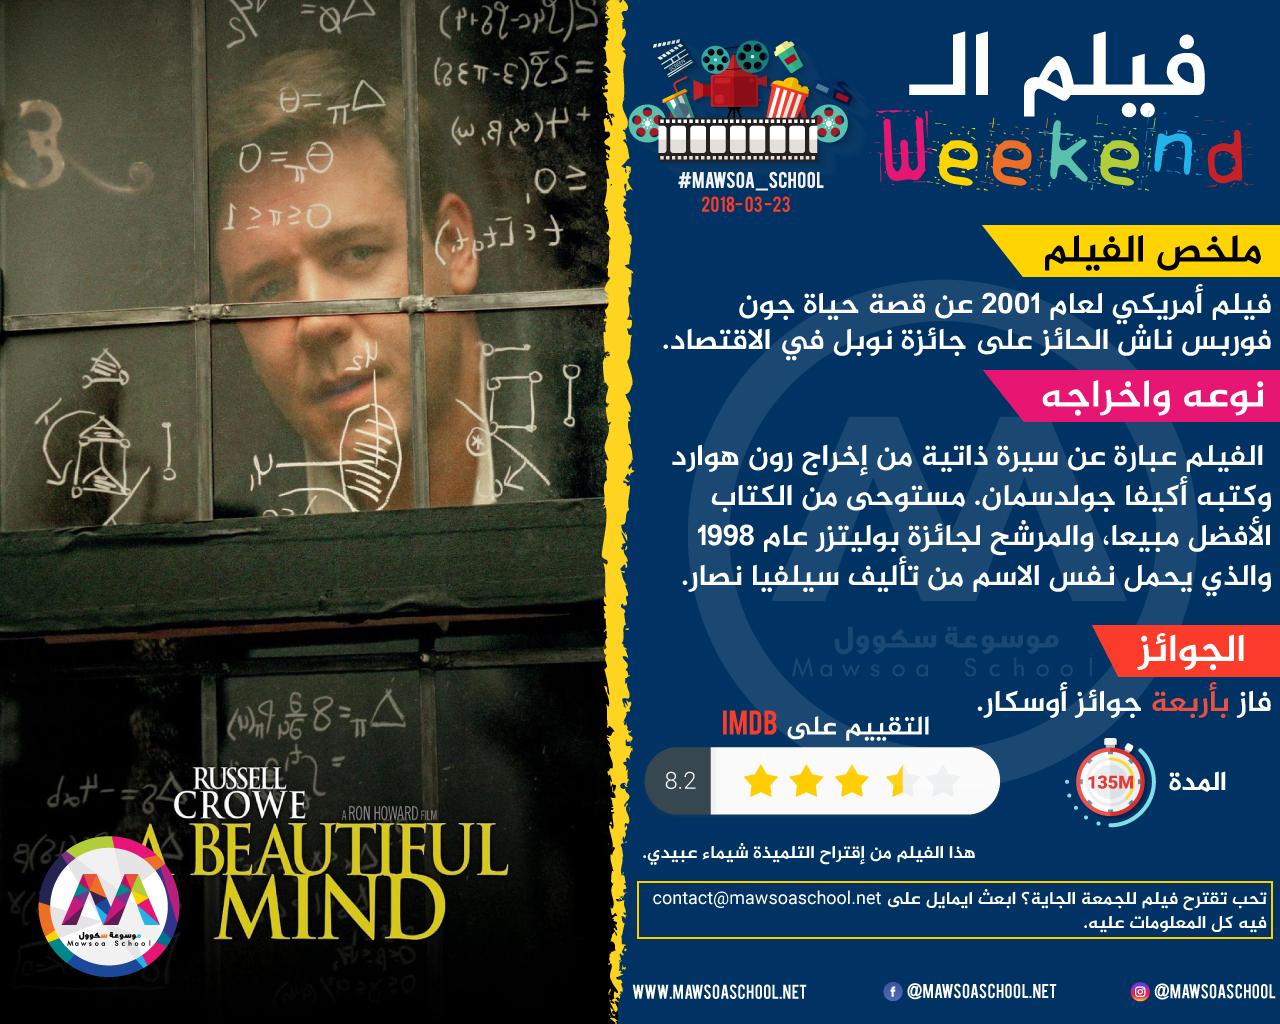 فيلم الـWeekend: A Beautiful Mind